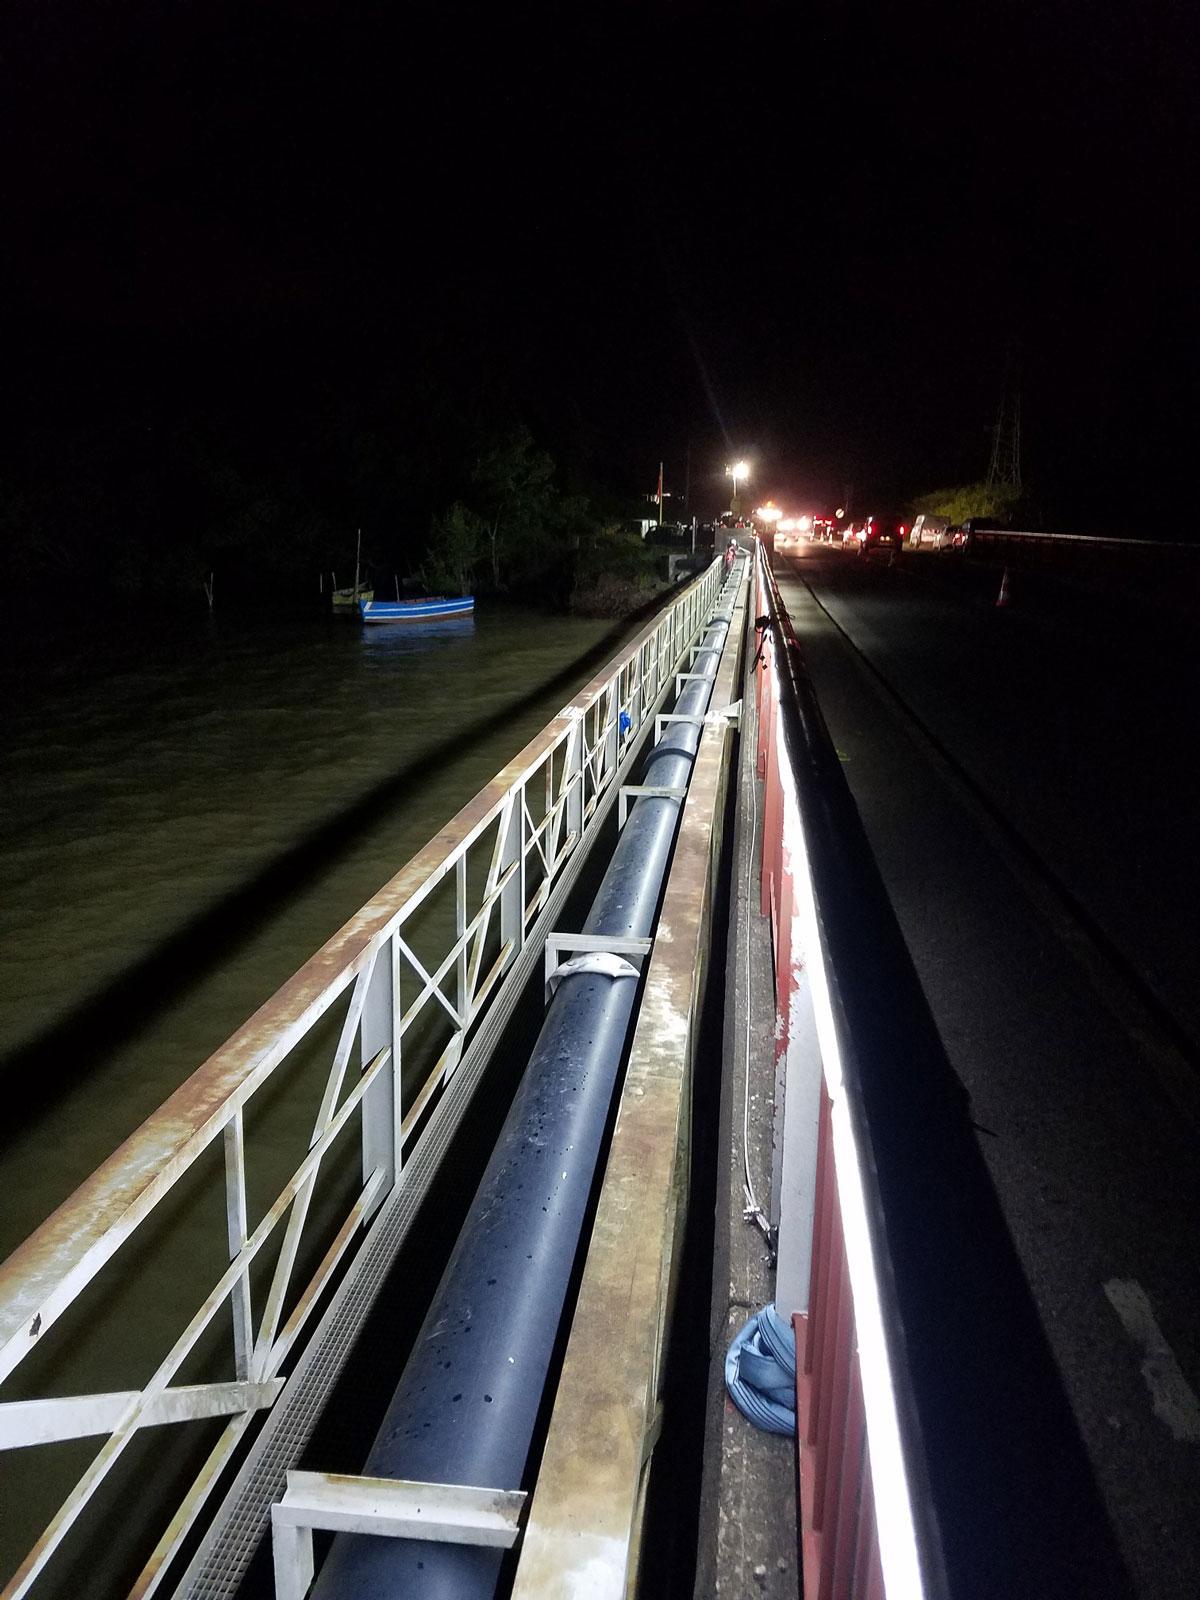 eclairage-chantier-nocturne.jpg